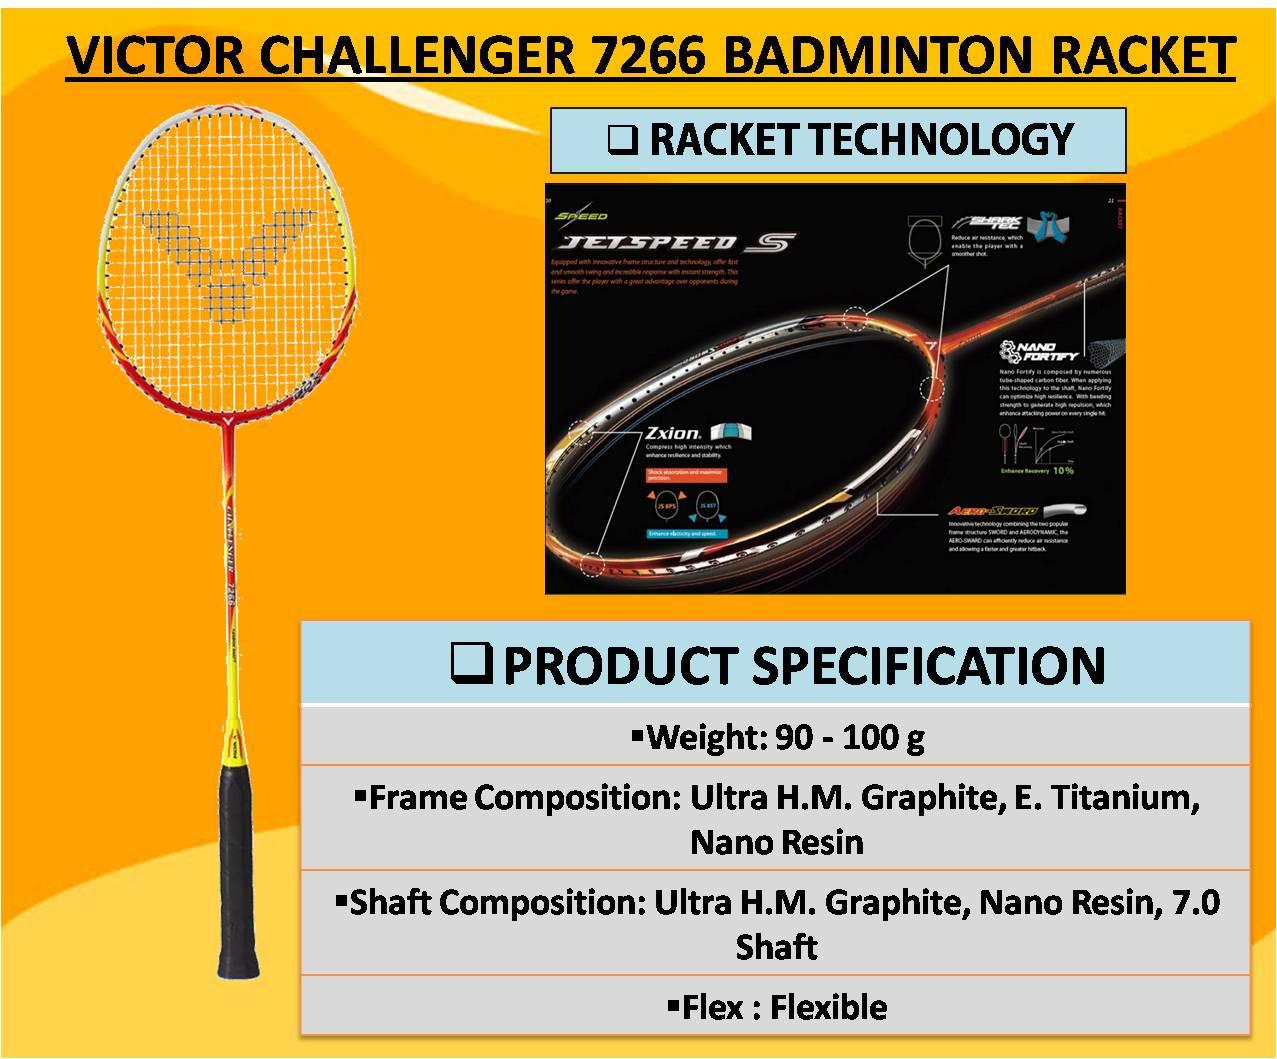 VICTOR CHALLENGER 7266 BADMINTON RACKET